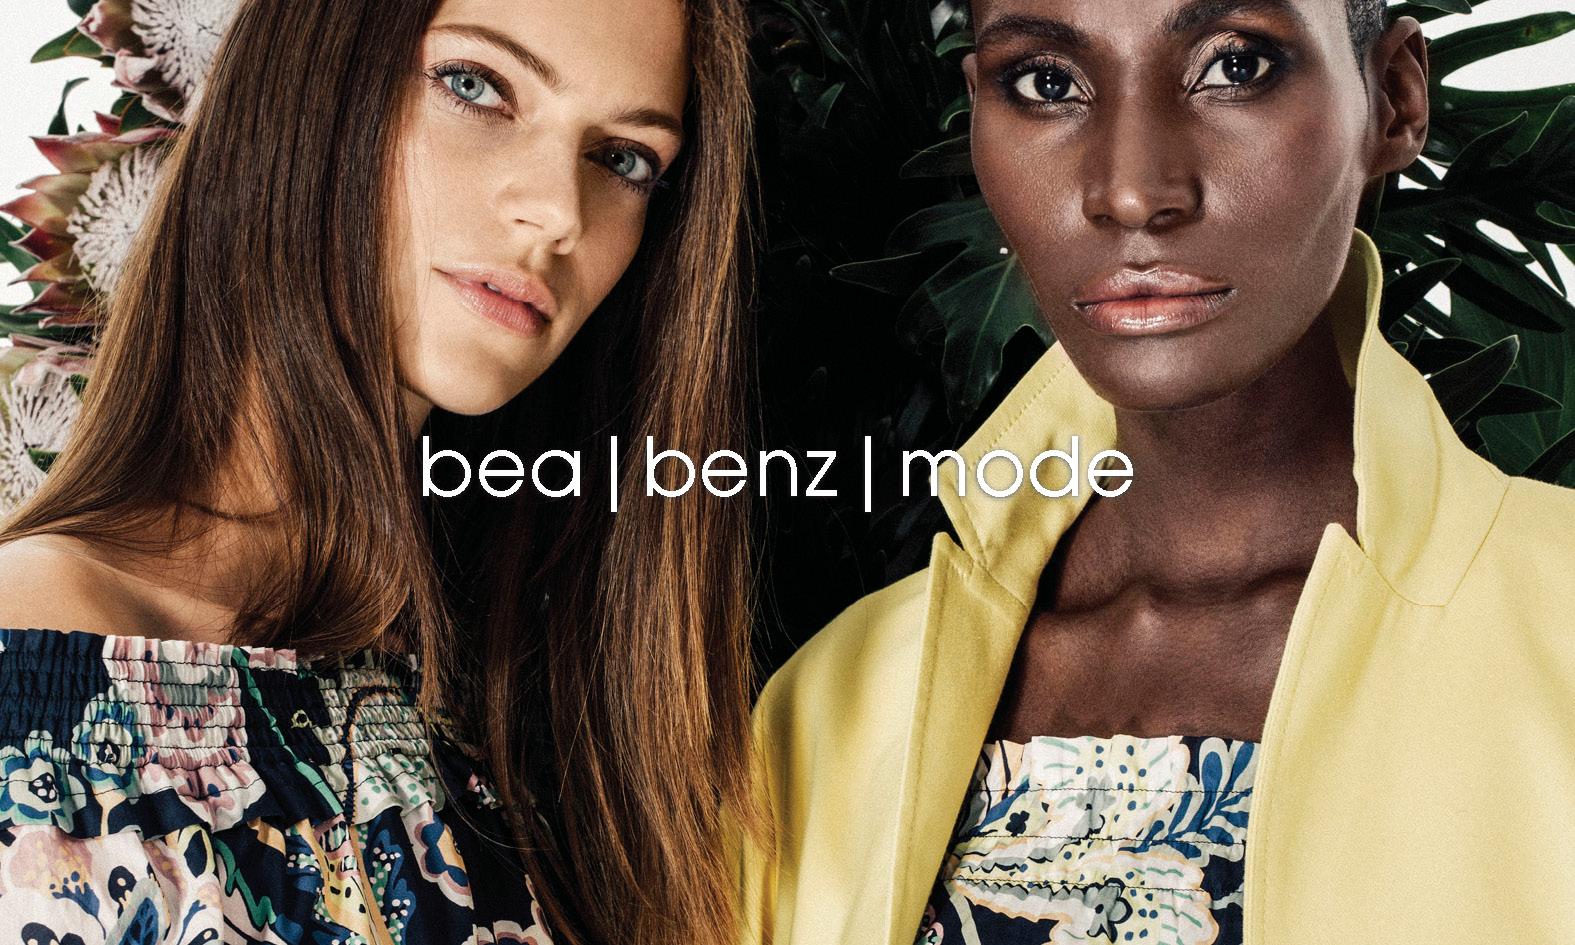 BEA BENZ MODE